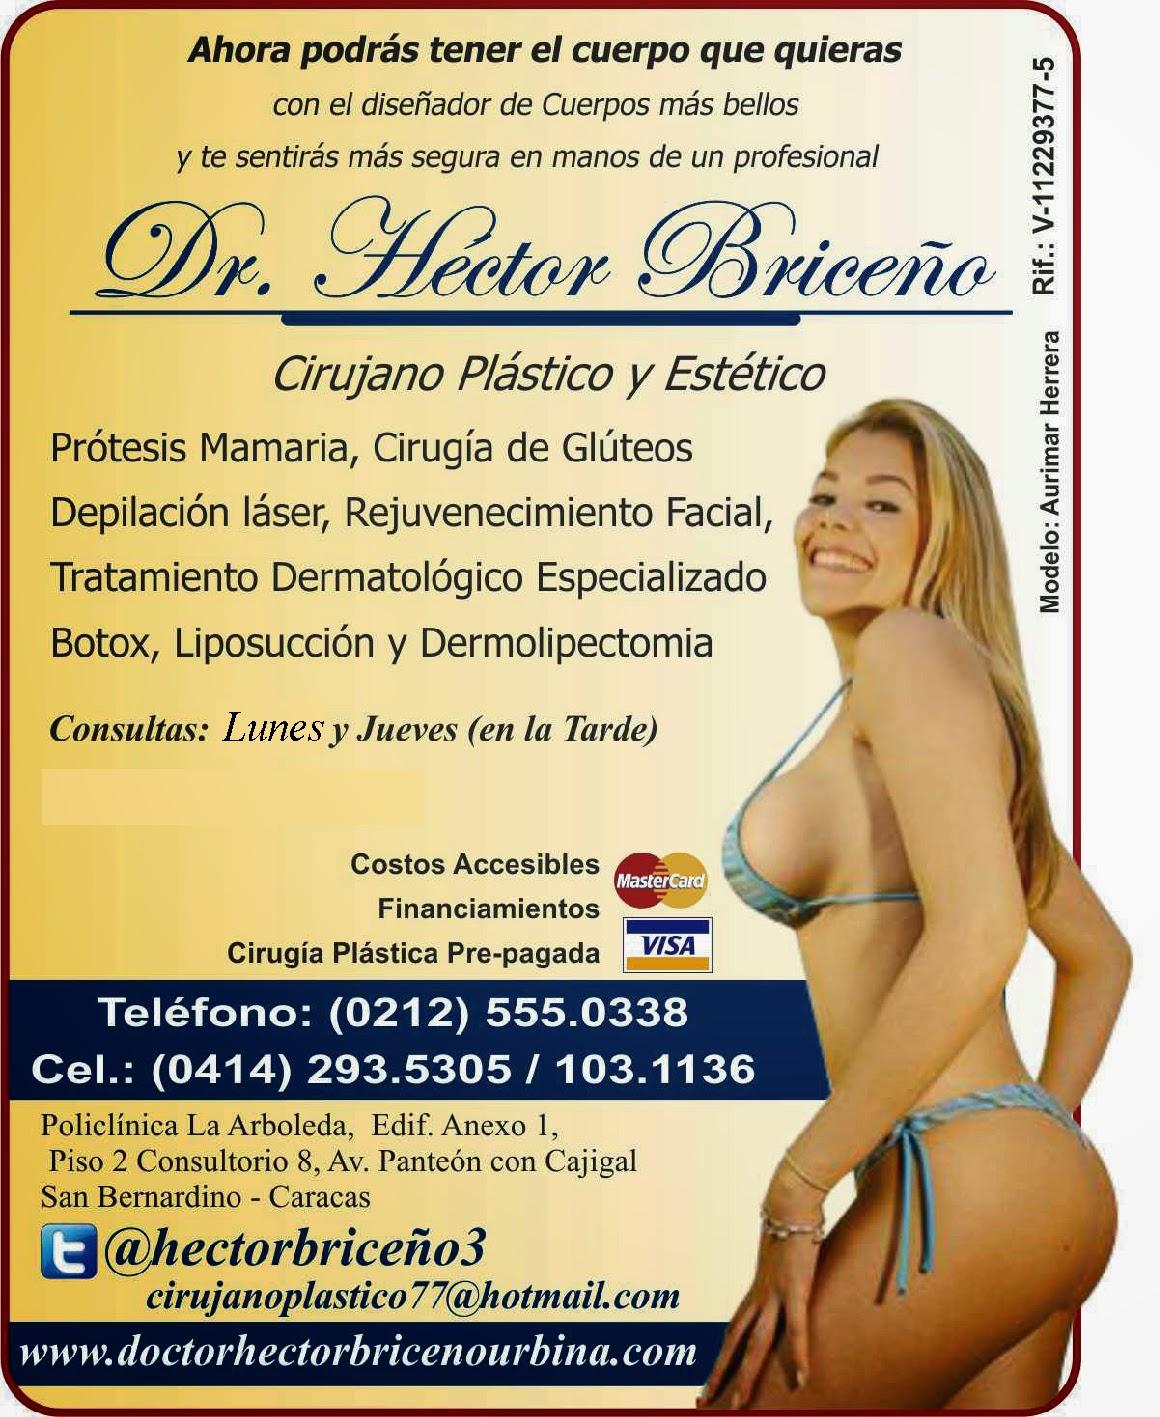 Las Paginas Amarillas.Net -  DR. HECTOR BRICE�O